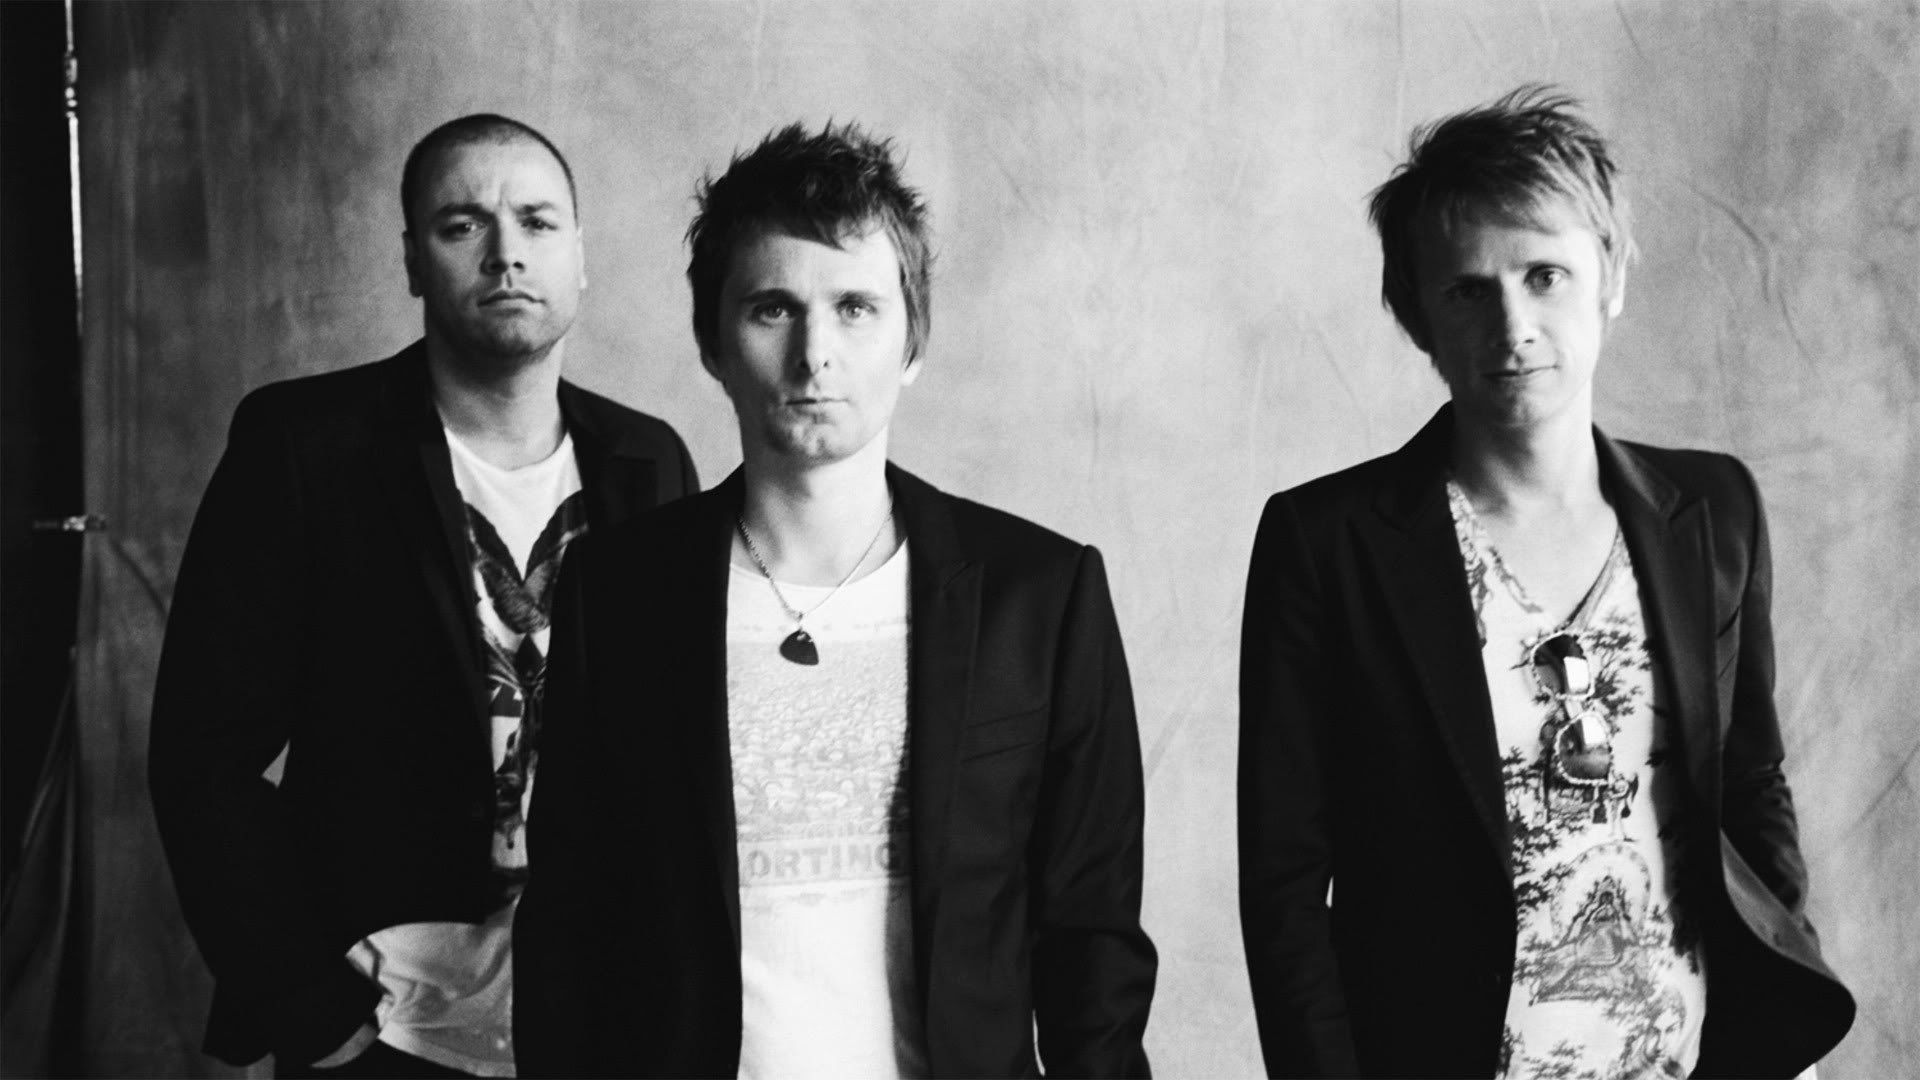 Οι Muse έρχονται στην Ελλάδα!